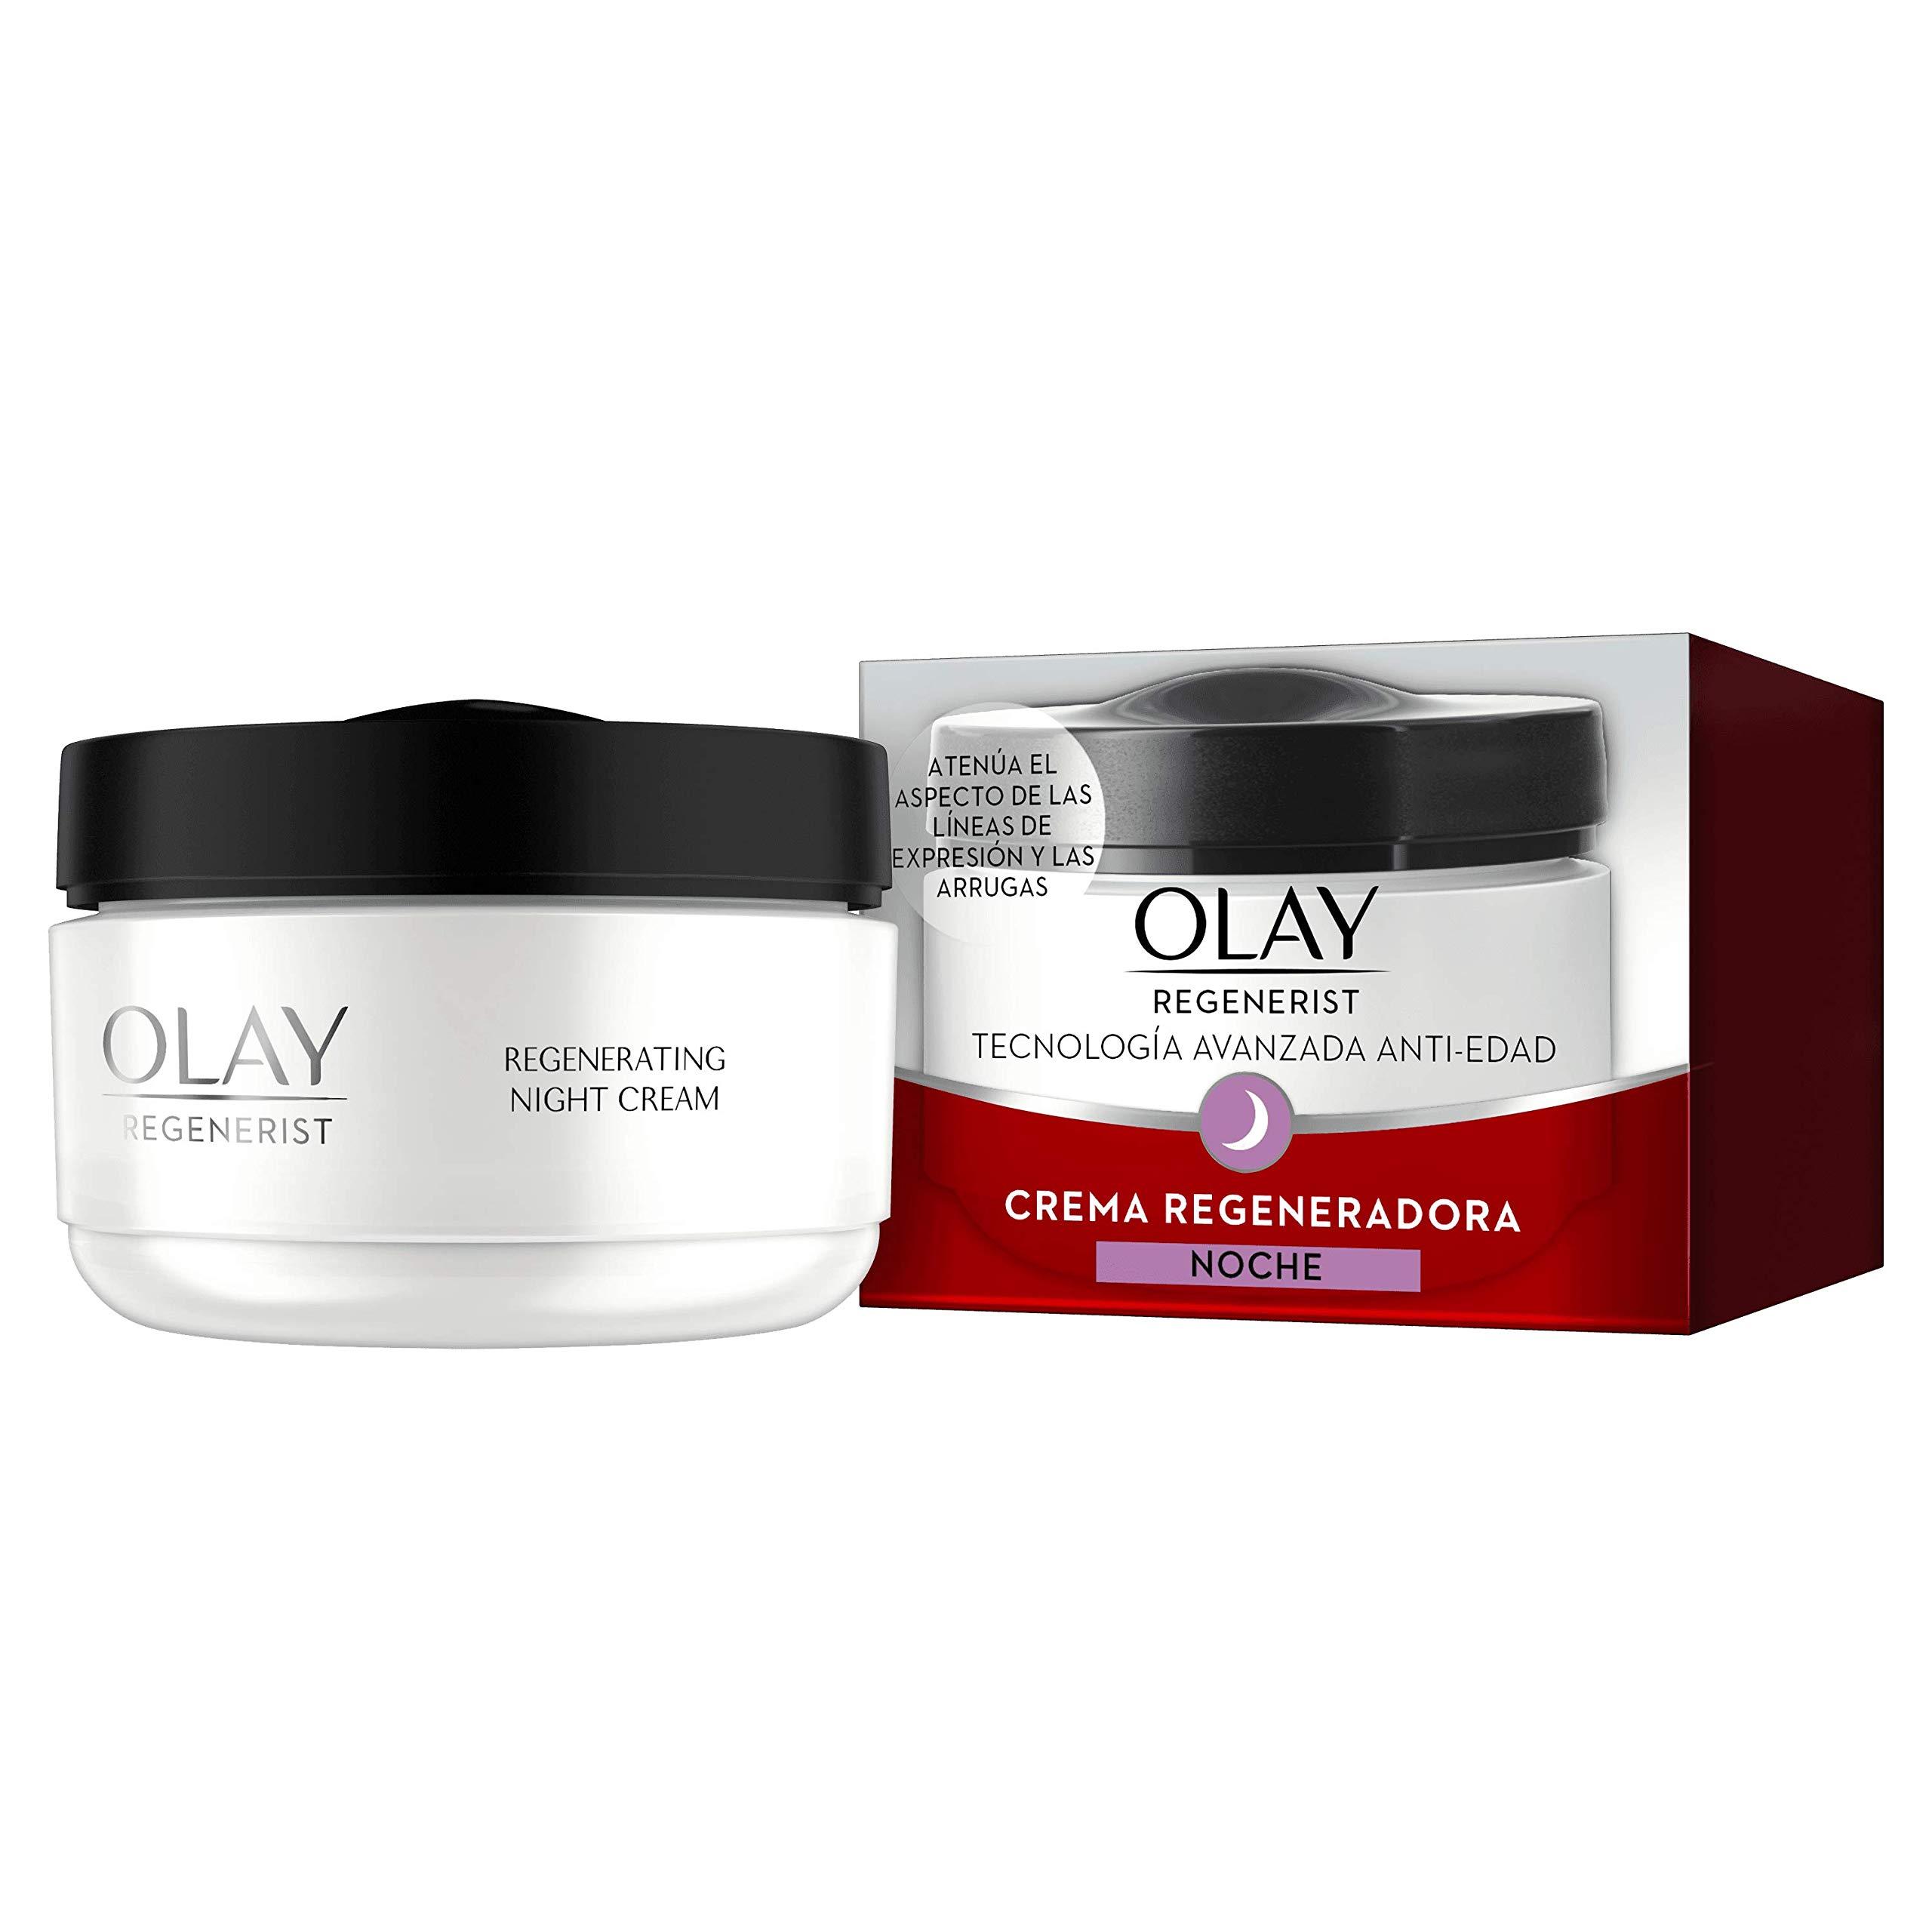 Olay Regenerist crema regeneradora de noche anti-edad – 50 ml